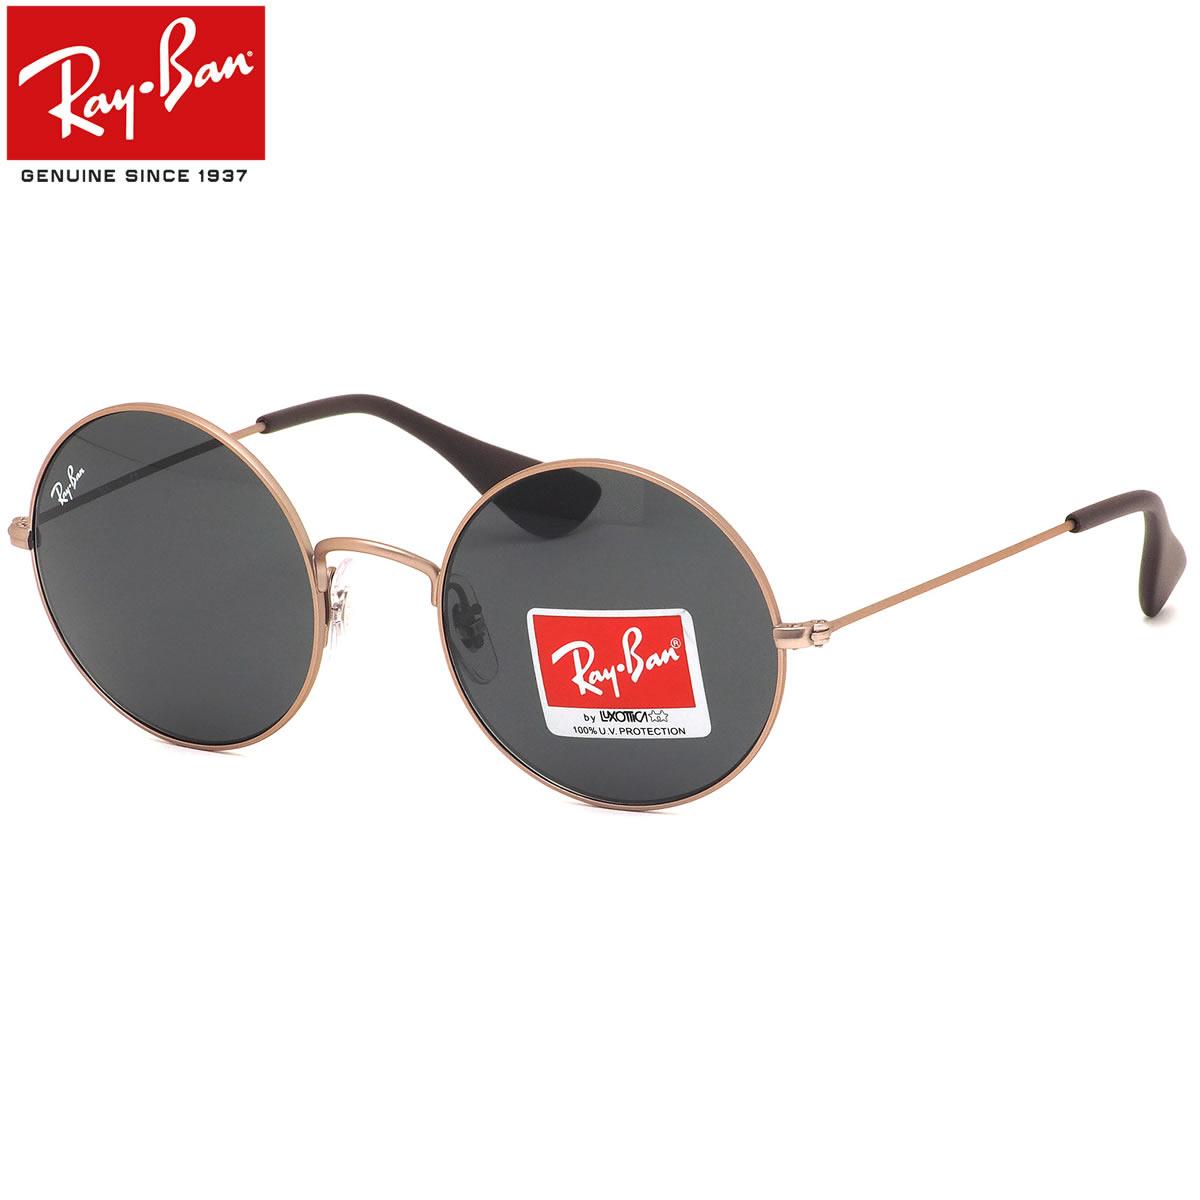 レイバン サングラス Ray-Ban RB3592 914687 50サイズ 55サイズ JA-JO ジャジョ ジャッジョ Ja Jo レディースモデル RayBan レトロ 大きい ジャニス ジョプリン Janis Joplin 60s 1960 ブロンズ コッパー